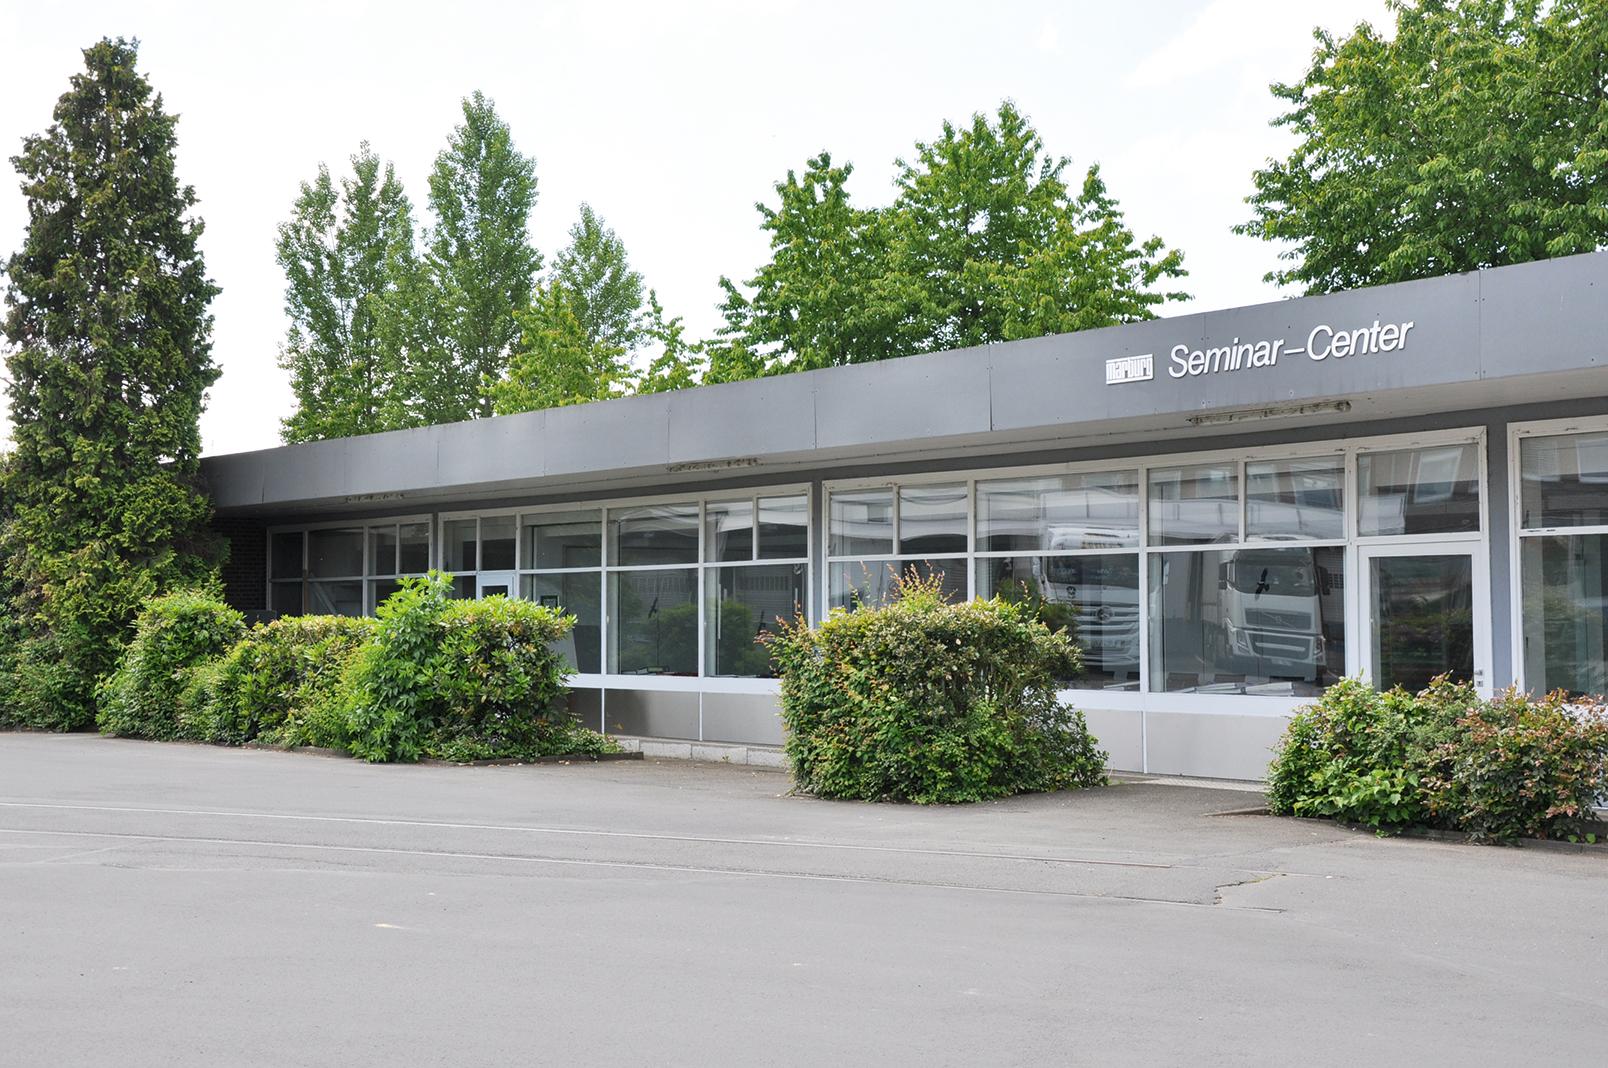 Seminar Center